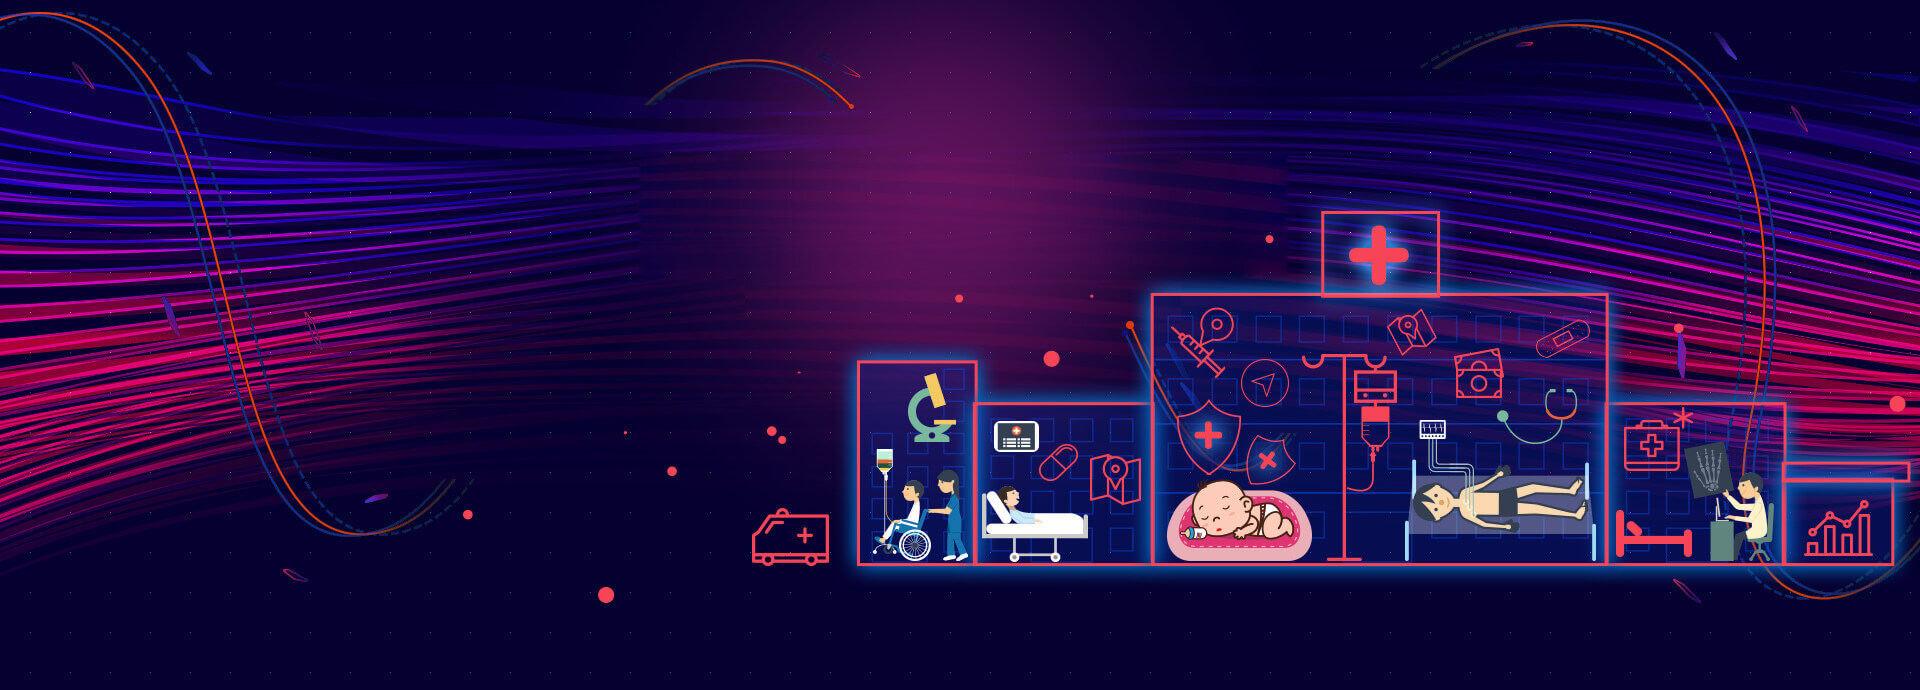 医疗物联网梦工厂——物联网应用创新大赛